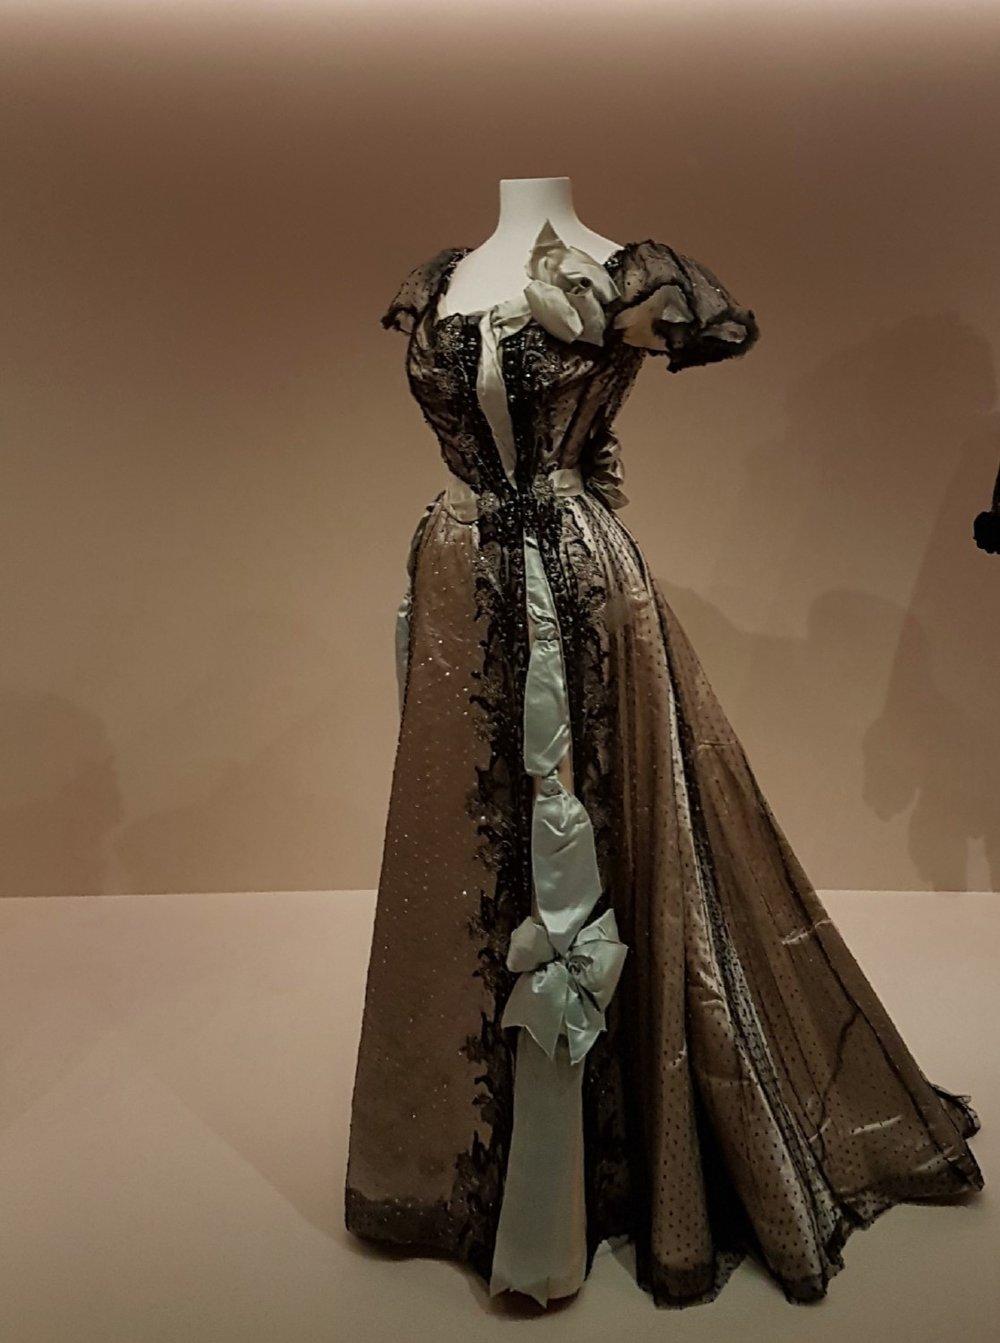 Suknia The House of Worth z roku 1895; obecnie znajduje się w zbiorach Staatliche Museen zu Berlin/fot. Natalia Wąsik